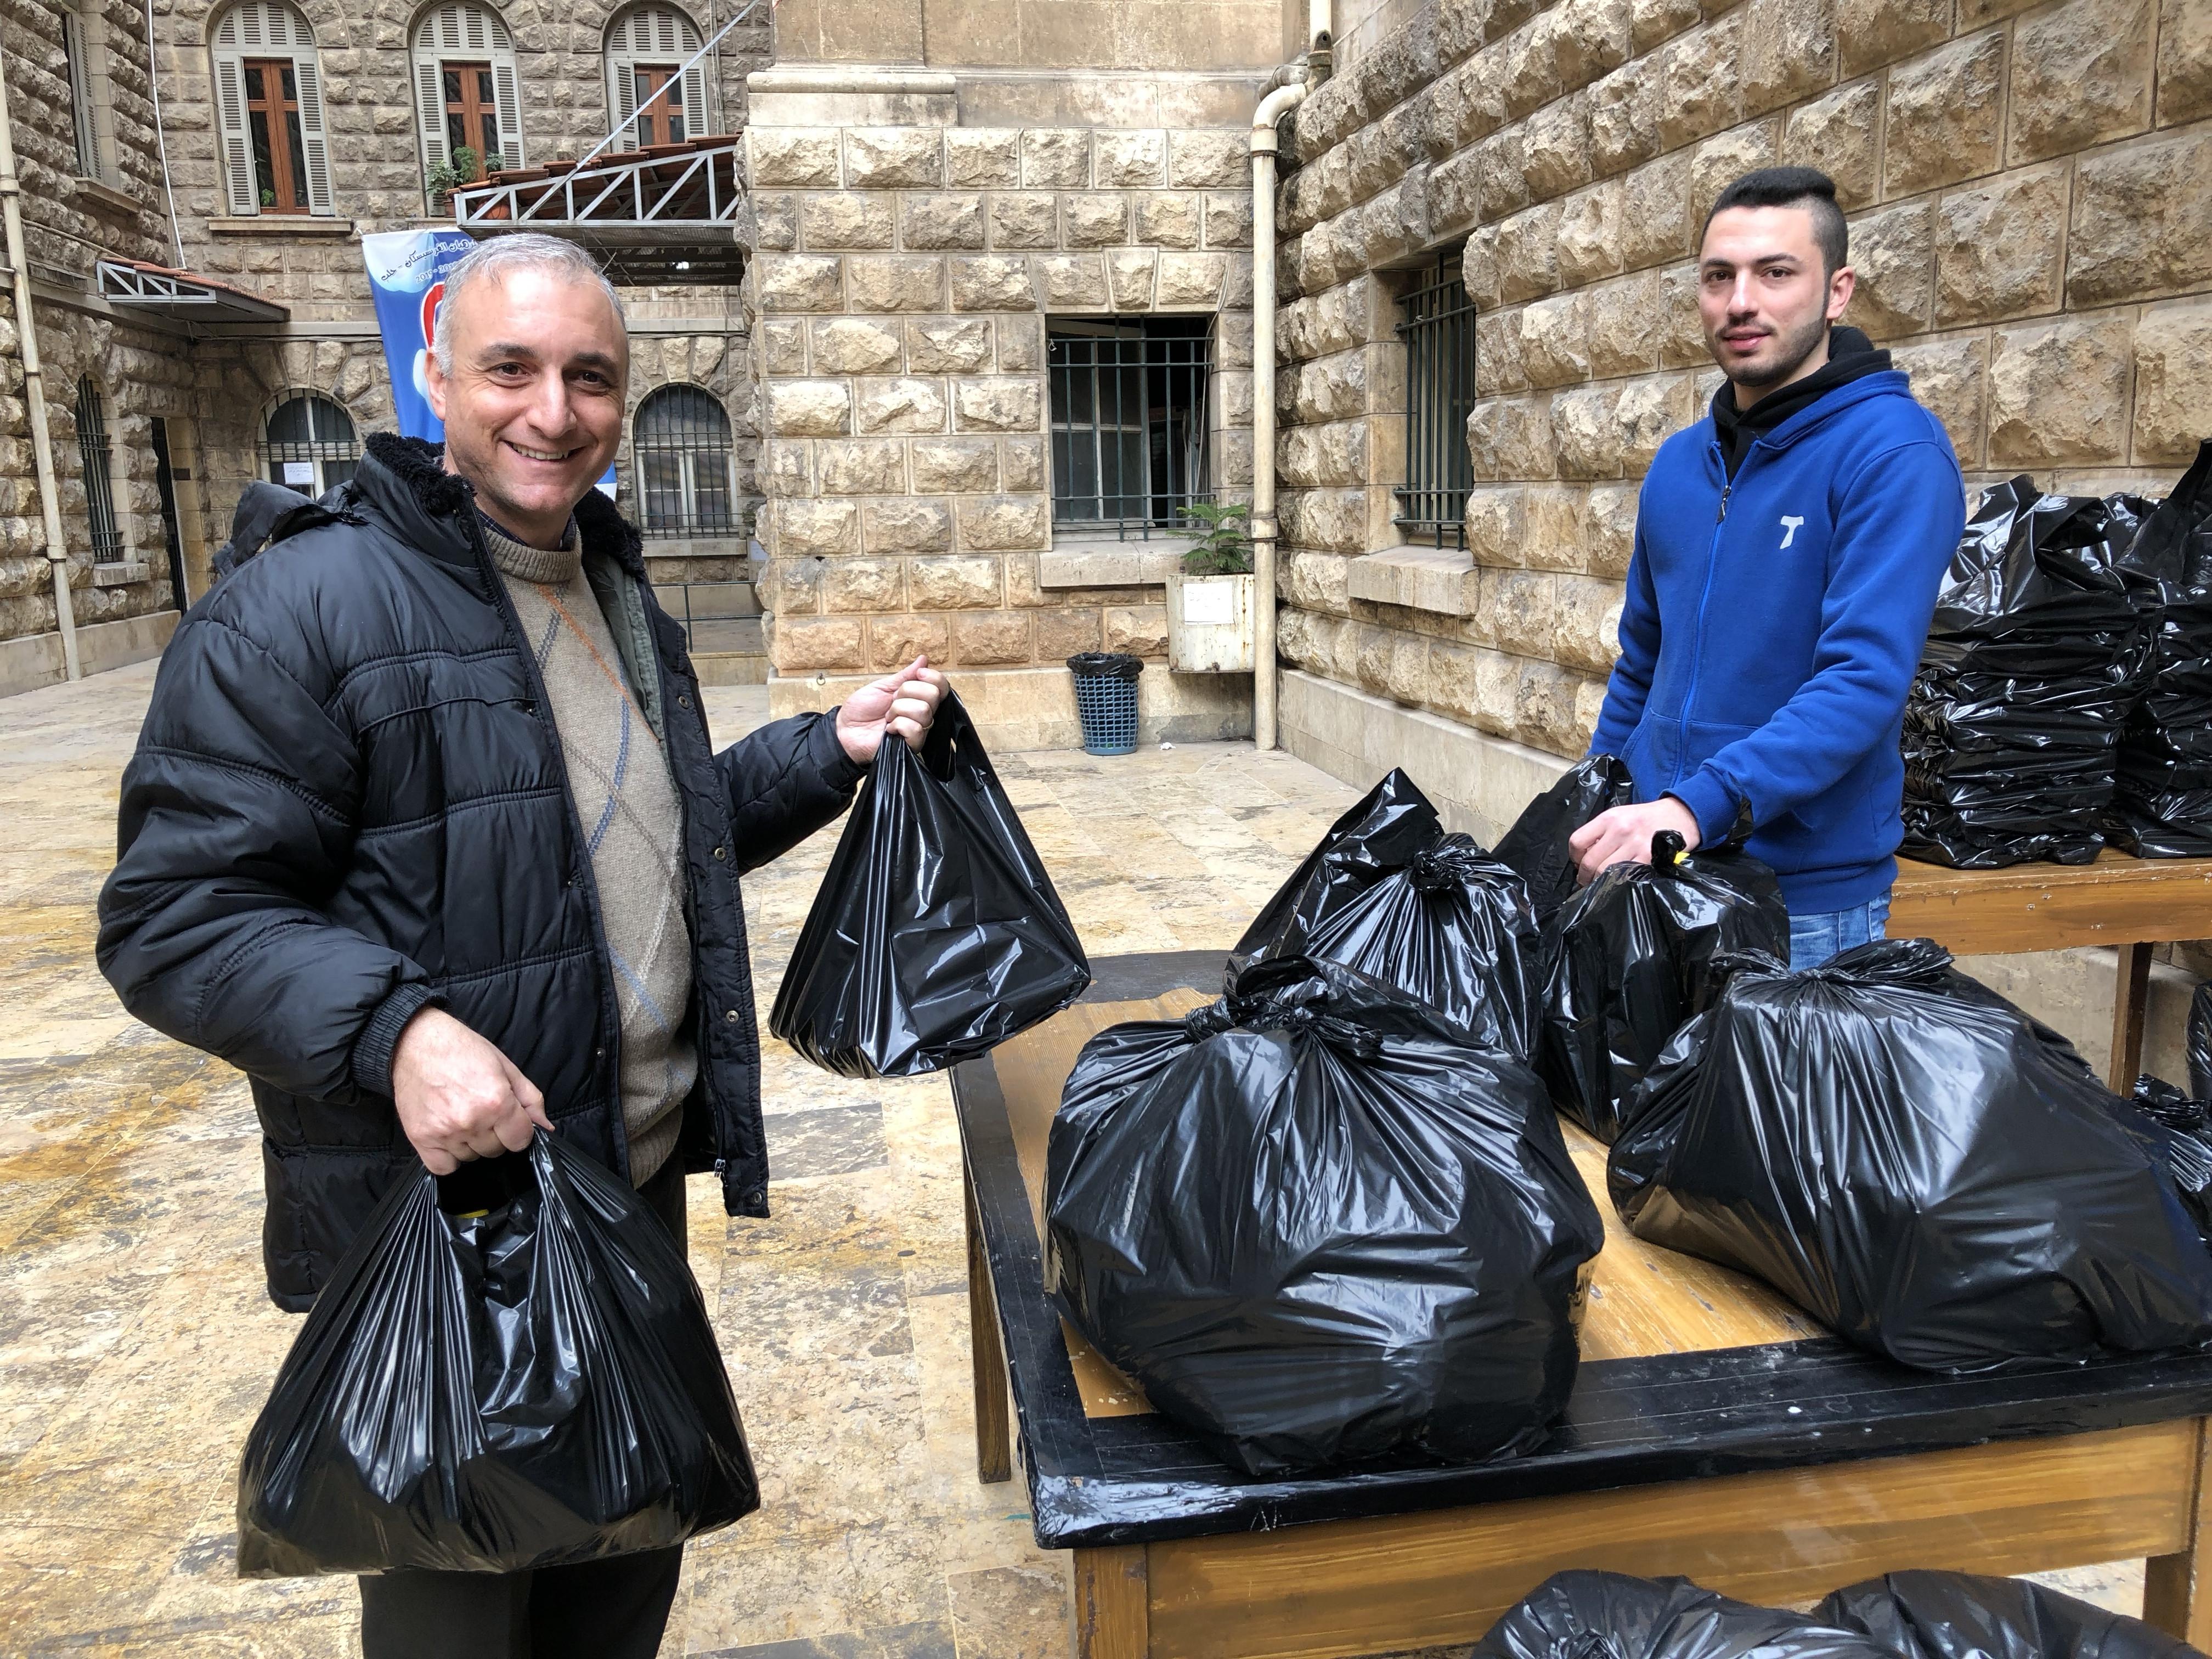 Caritas har blant annet drevet matutdeling i Damaskus. Foto: Val Morgan/SCIAF